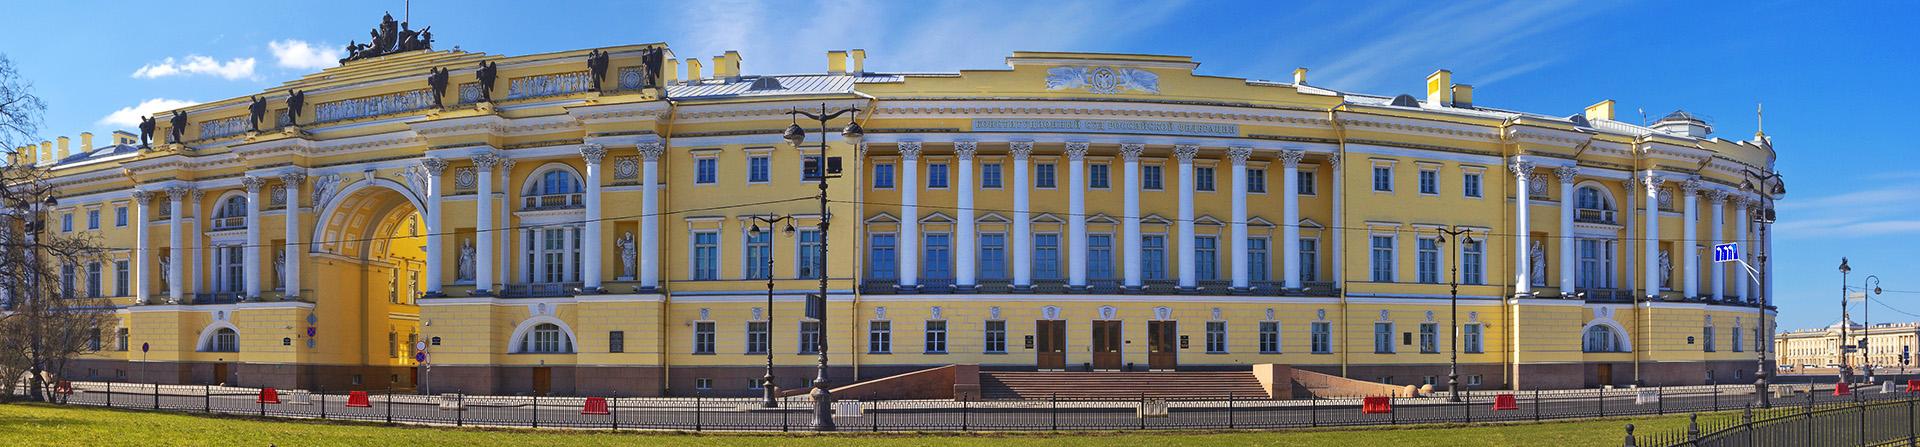 BA_IRDEIC_Cour Constitu_Russe_2019.jpg